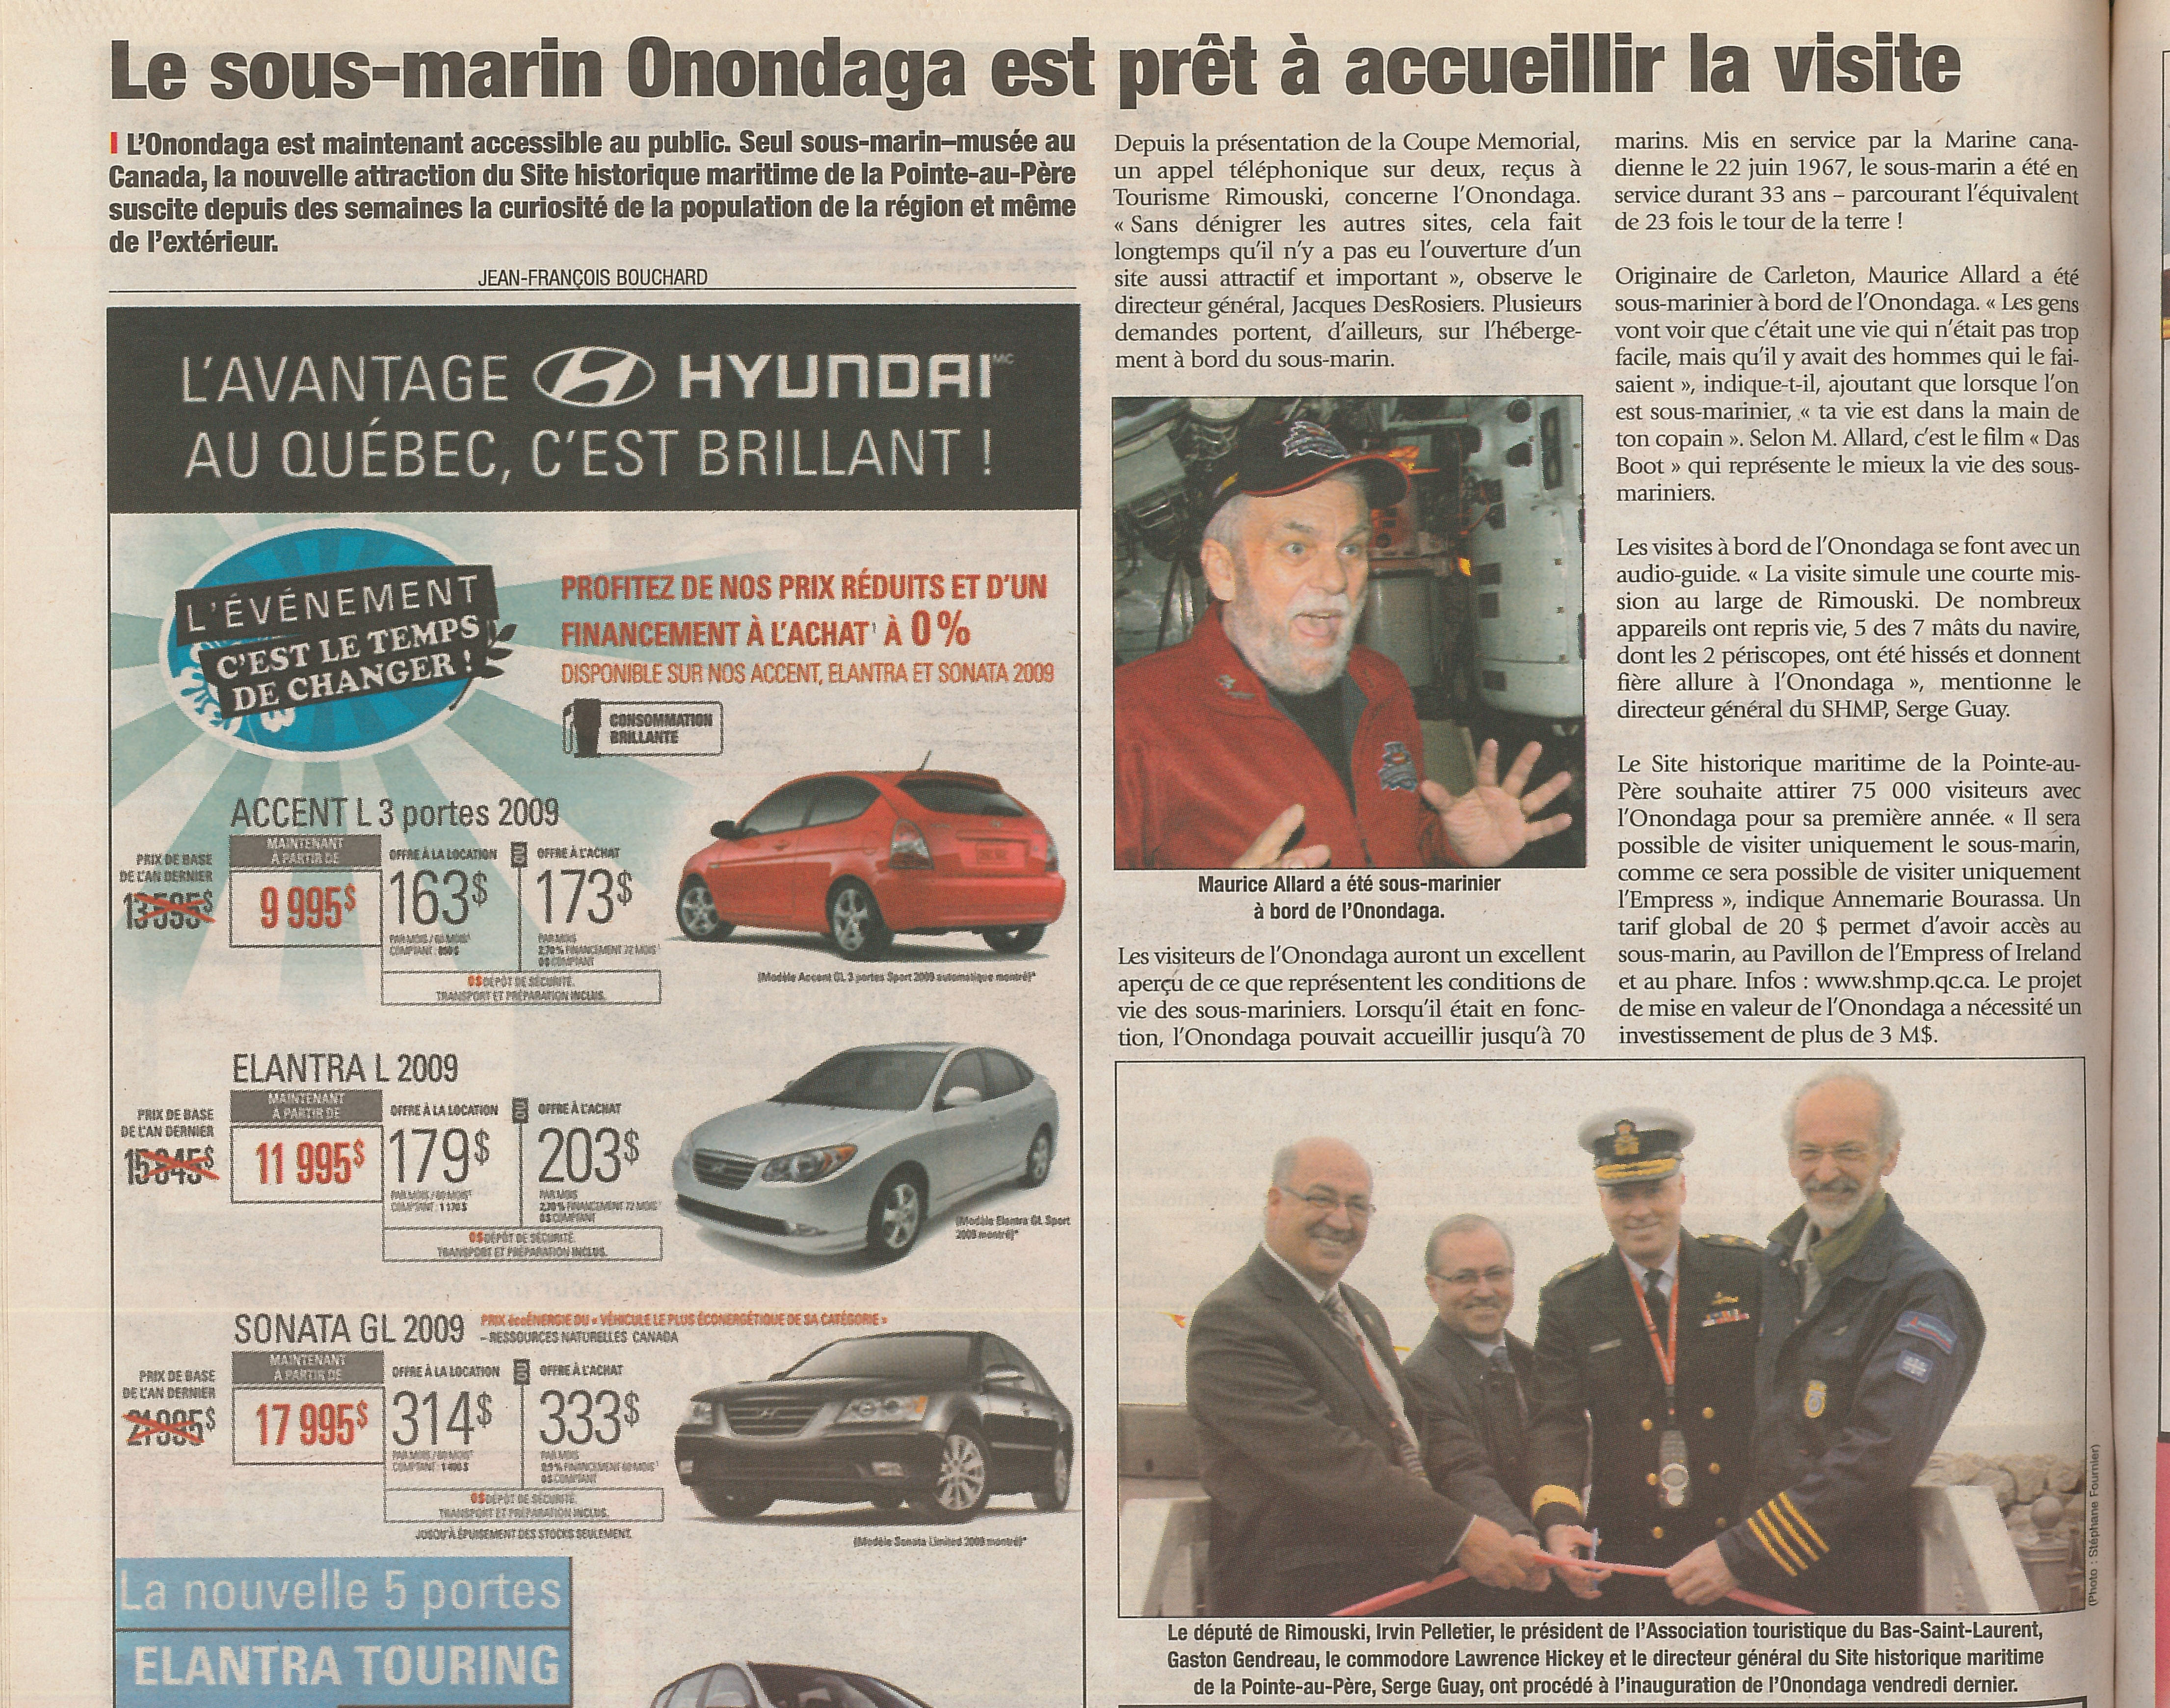 Un article trouvé dans les archives du Journal L'Avantage, datant de l'édition du 17 juin 2009.